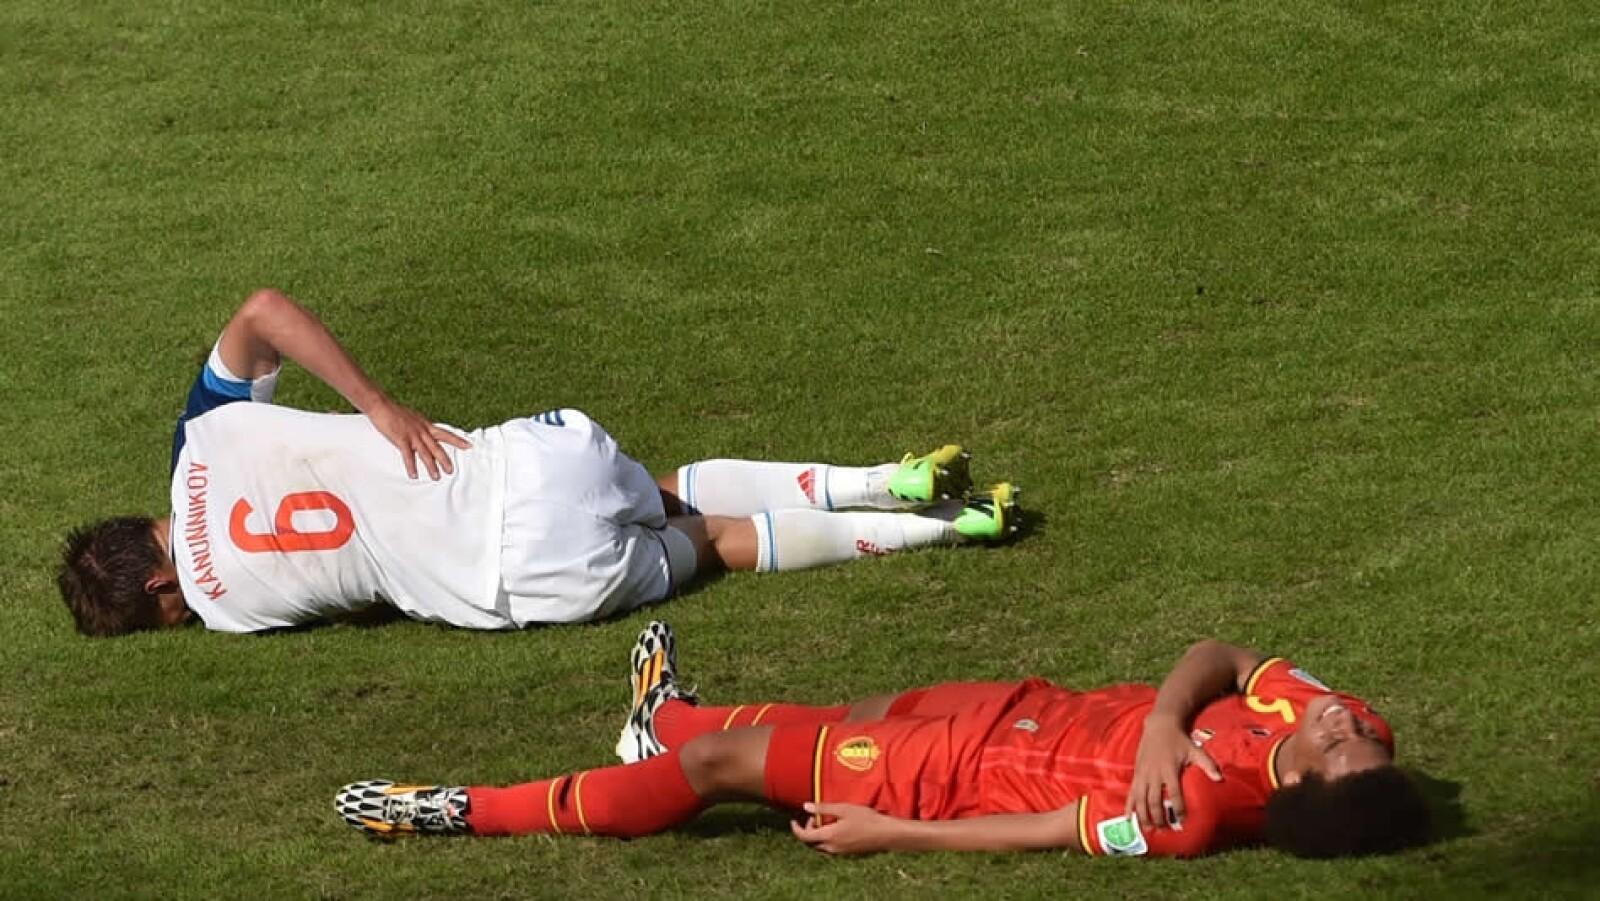 El delantero ruso Maksim Kanunnikov se duele luego de un encuentro contra el belga Axel Witsel